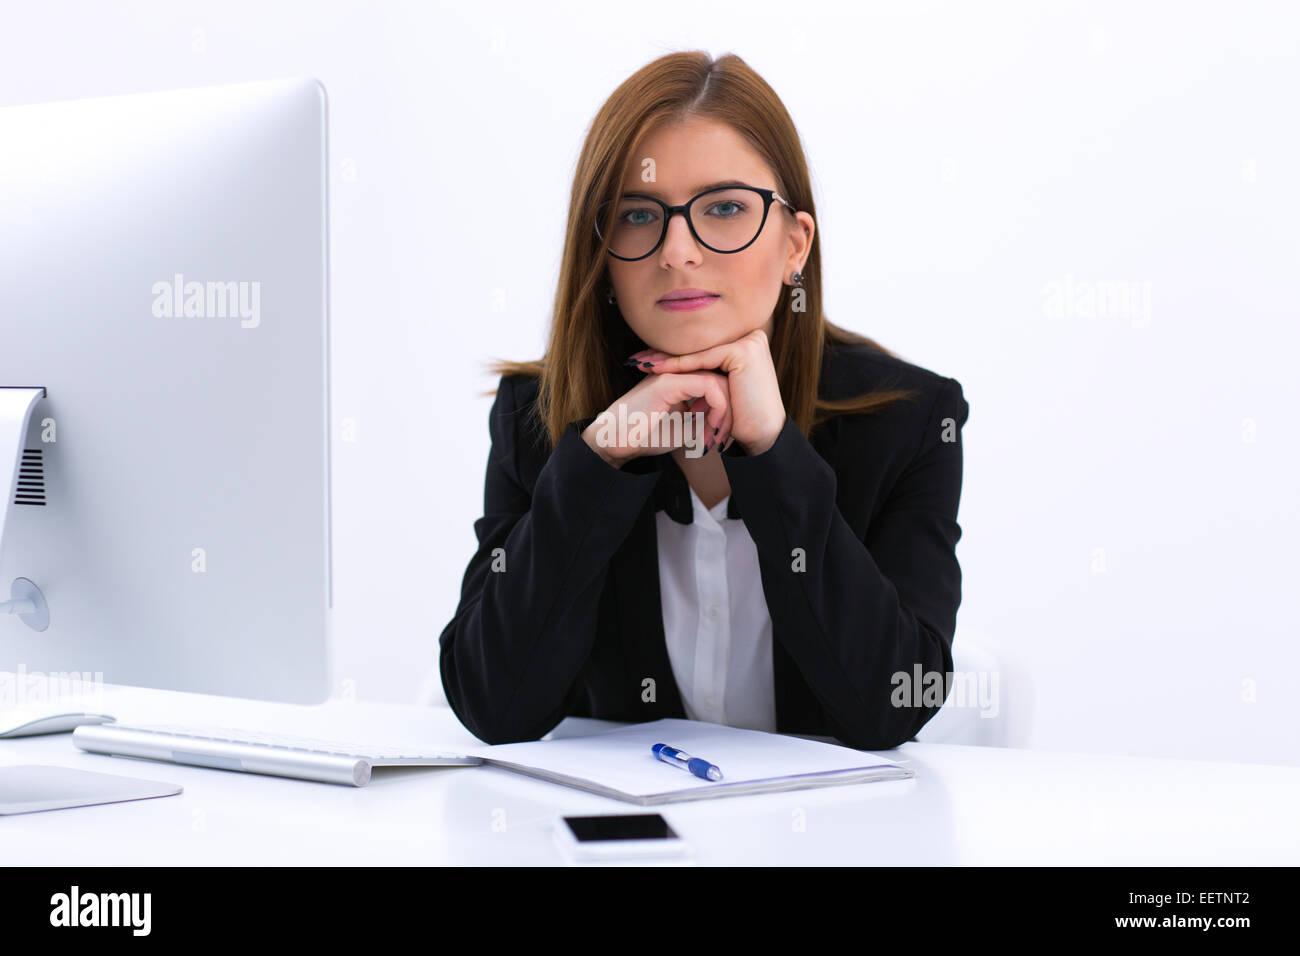 Retrato de una joven y bella mujer de negocios sentada en su lugar de trabajo en la oficina Imagen De Stock